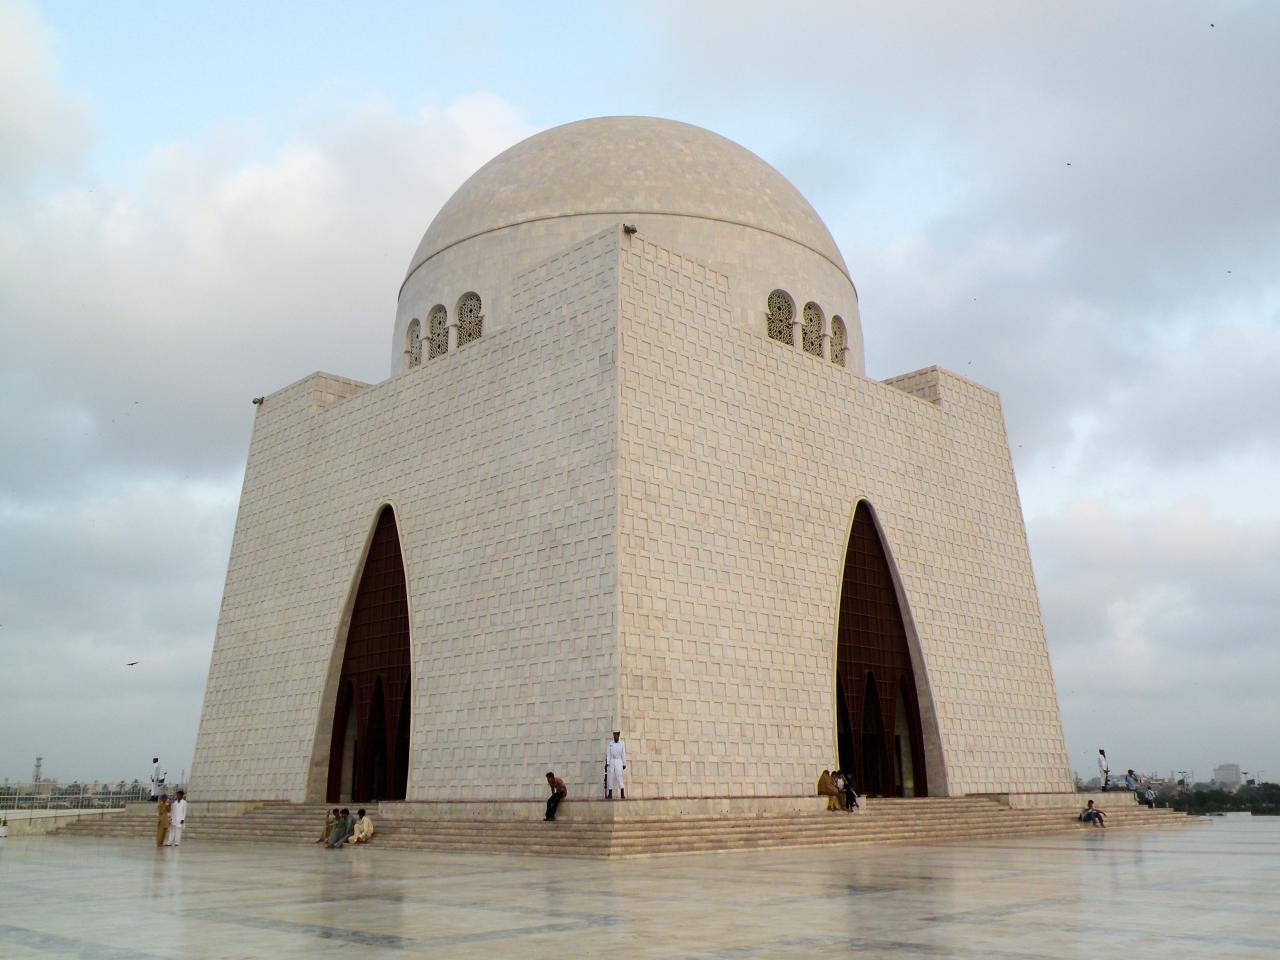 Quaid E Azam Mazar PNG - 45462